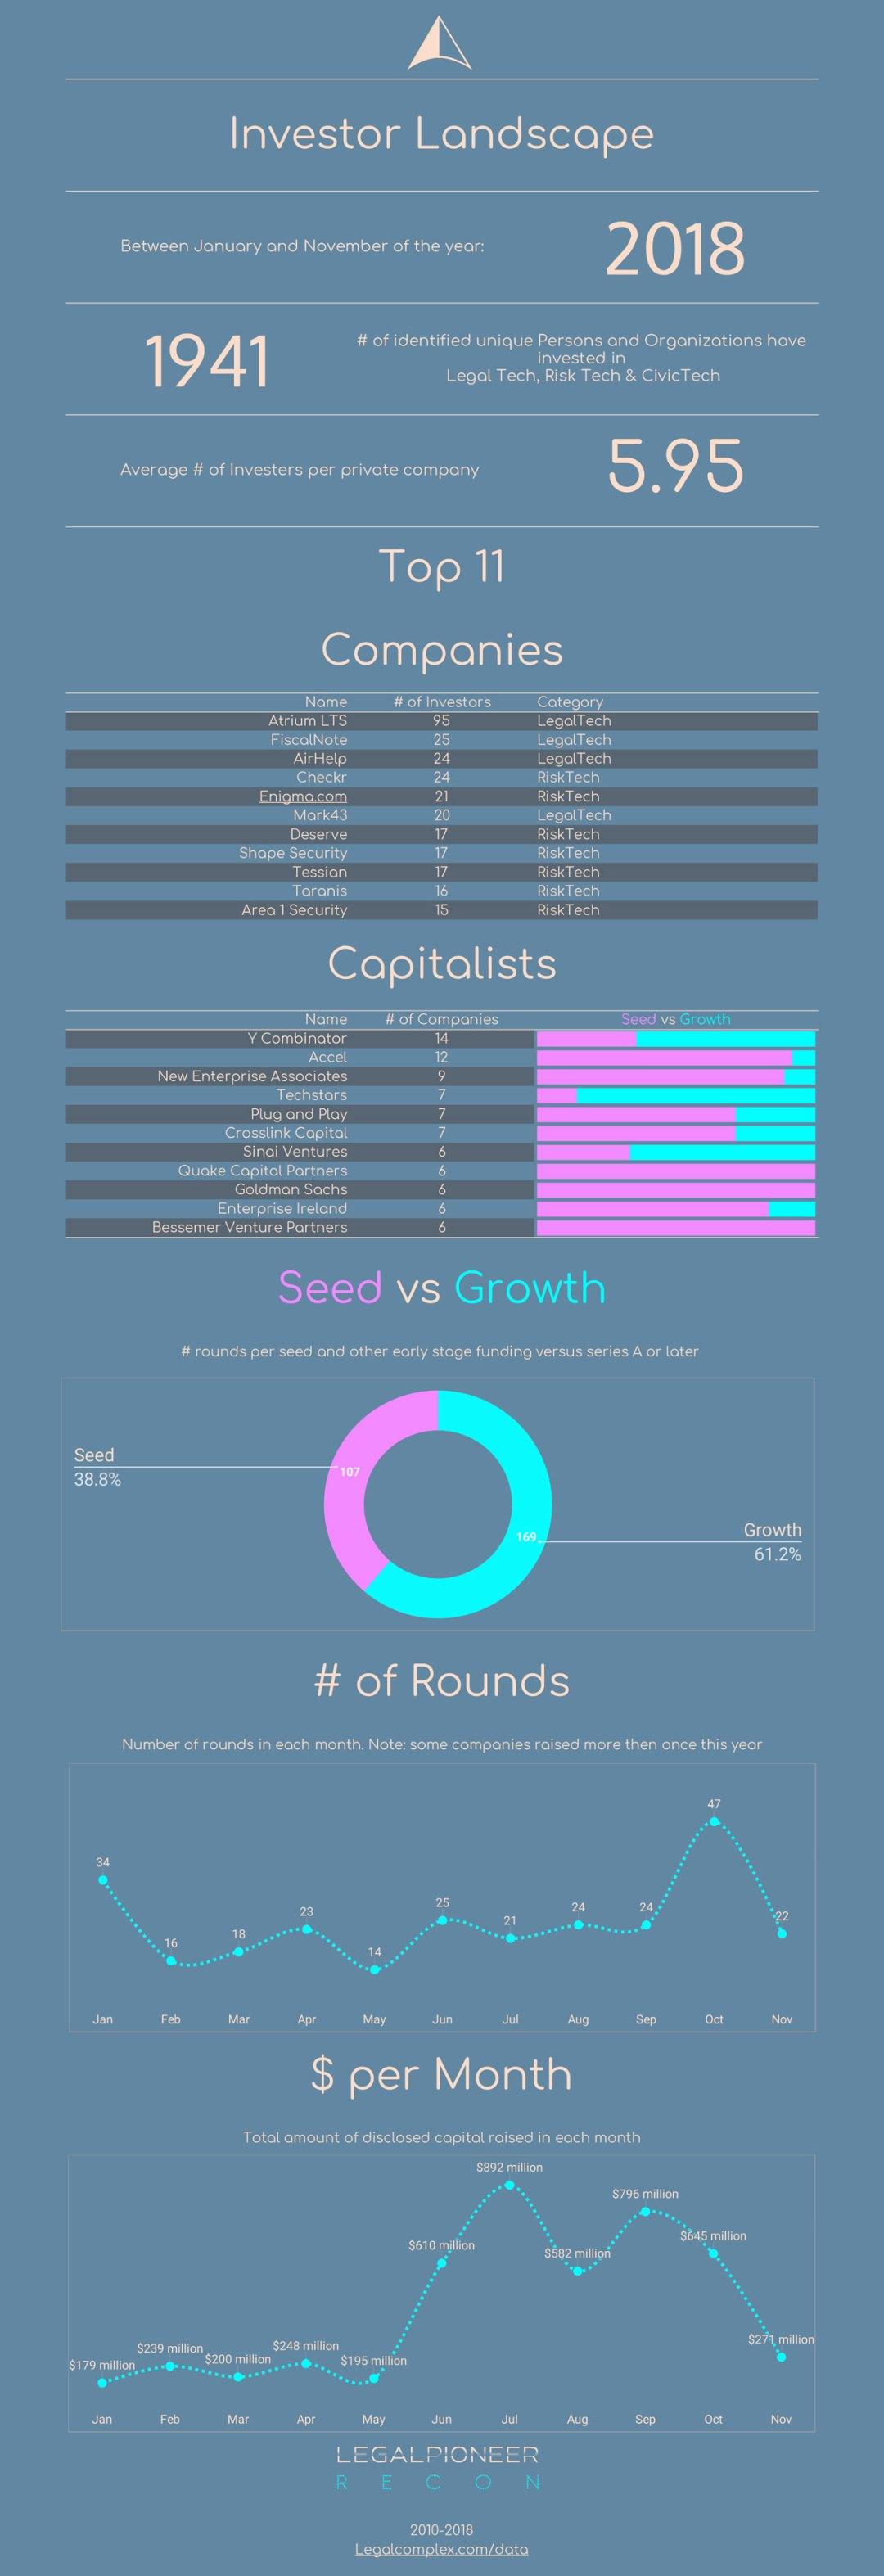 Investor Landscape